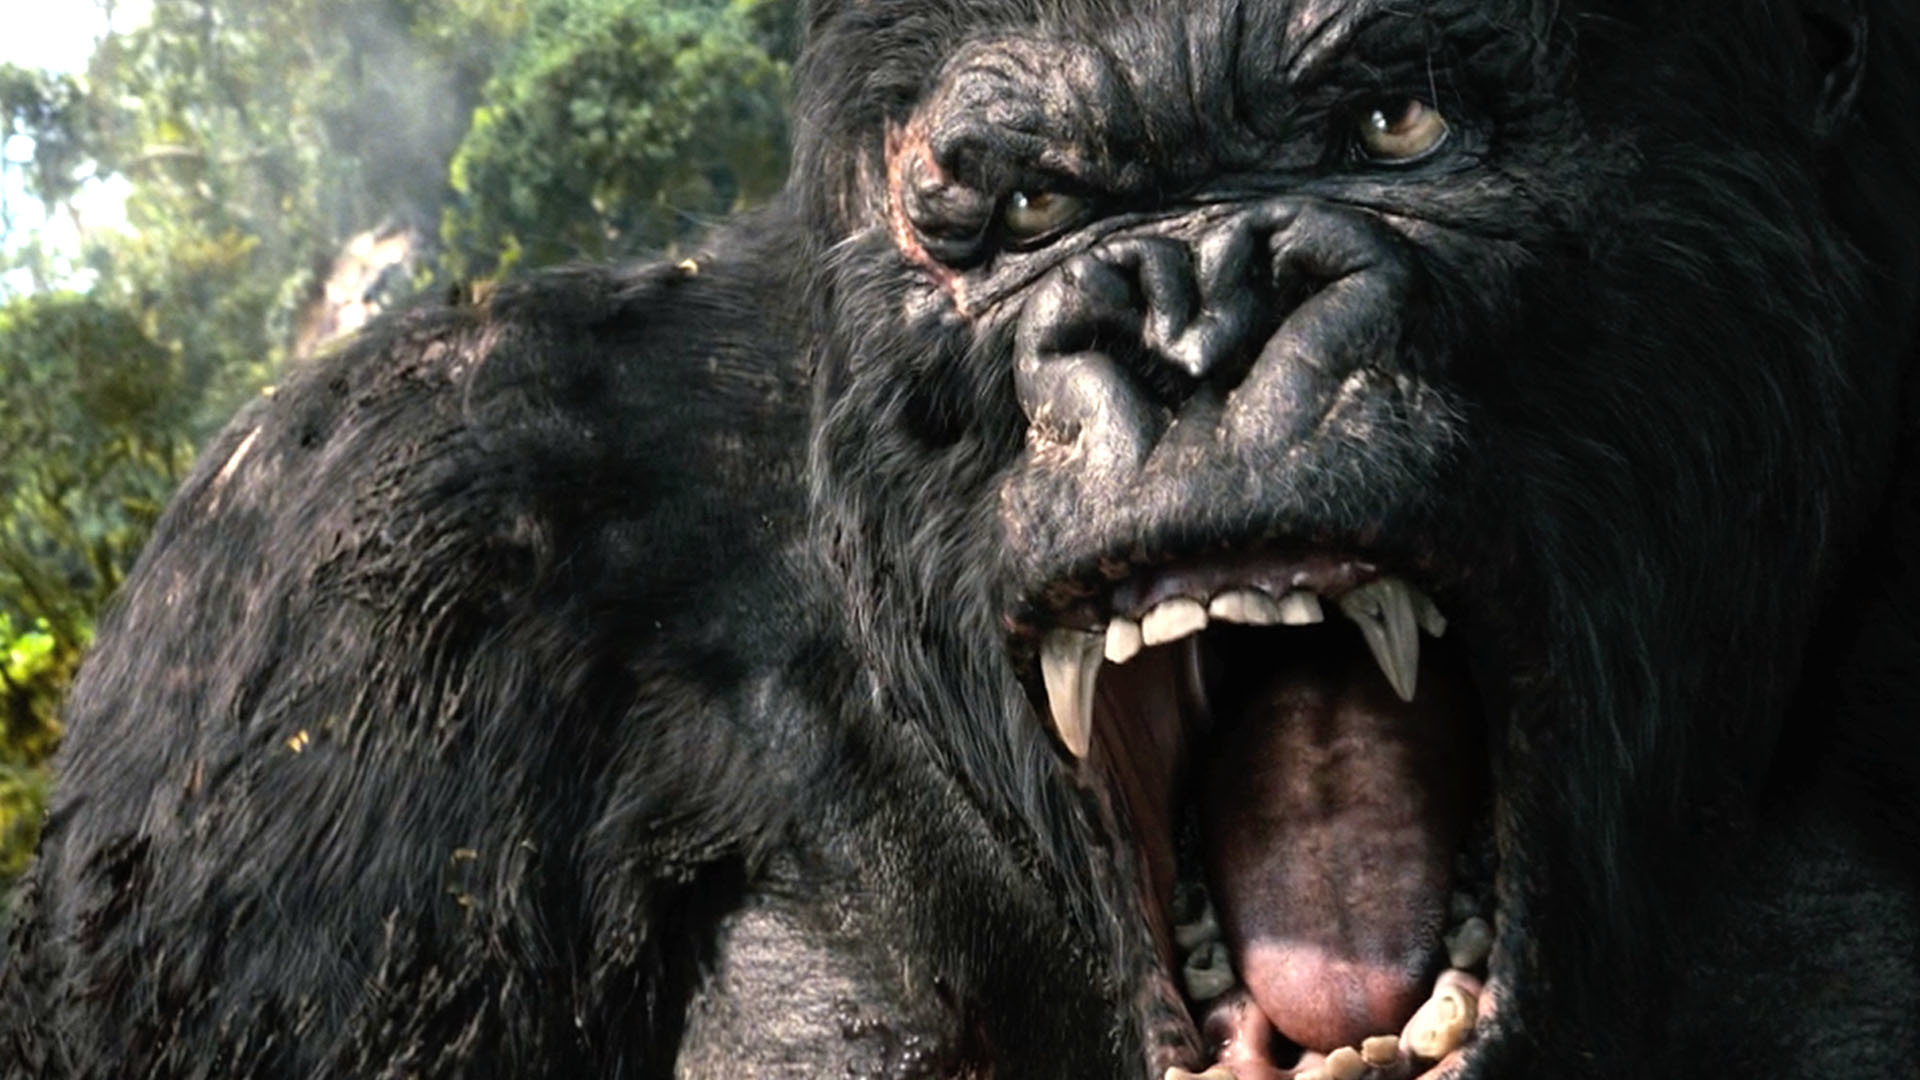 Kong: King Kong Wallpaper (67+ Images